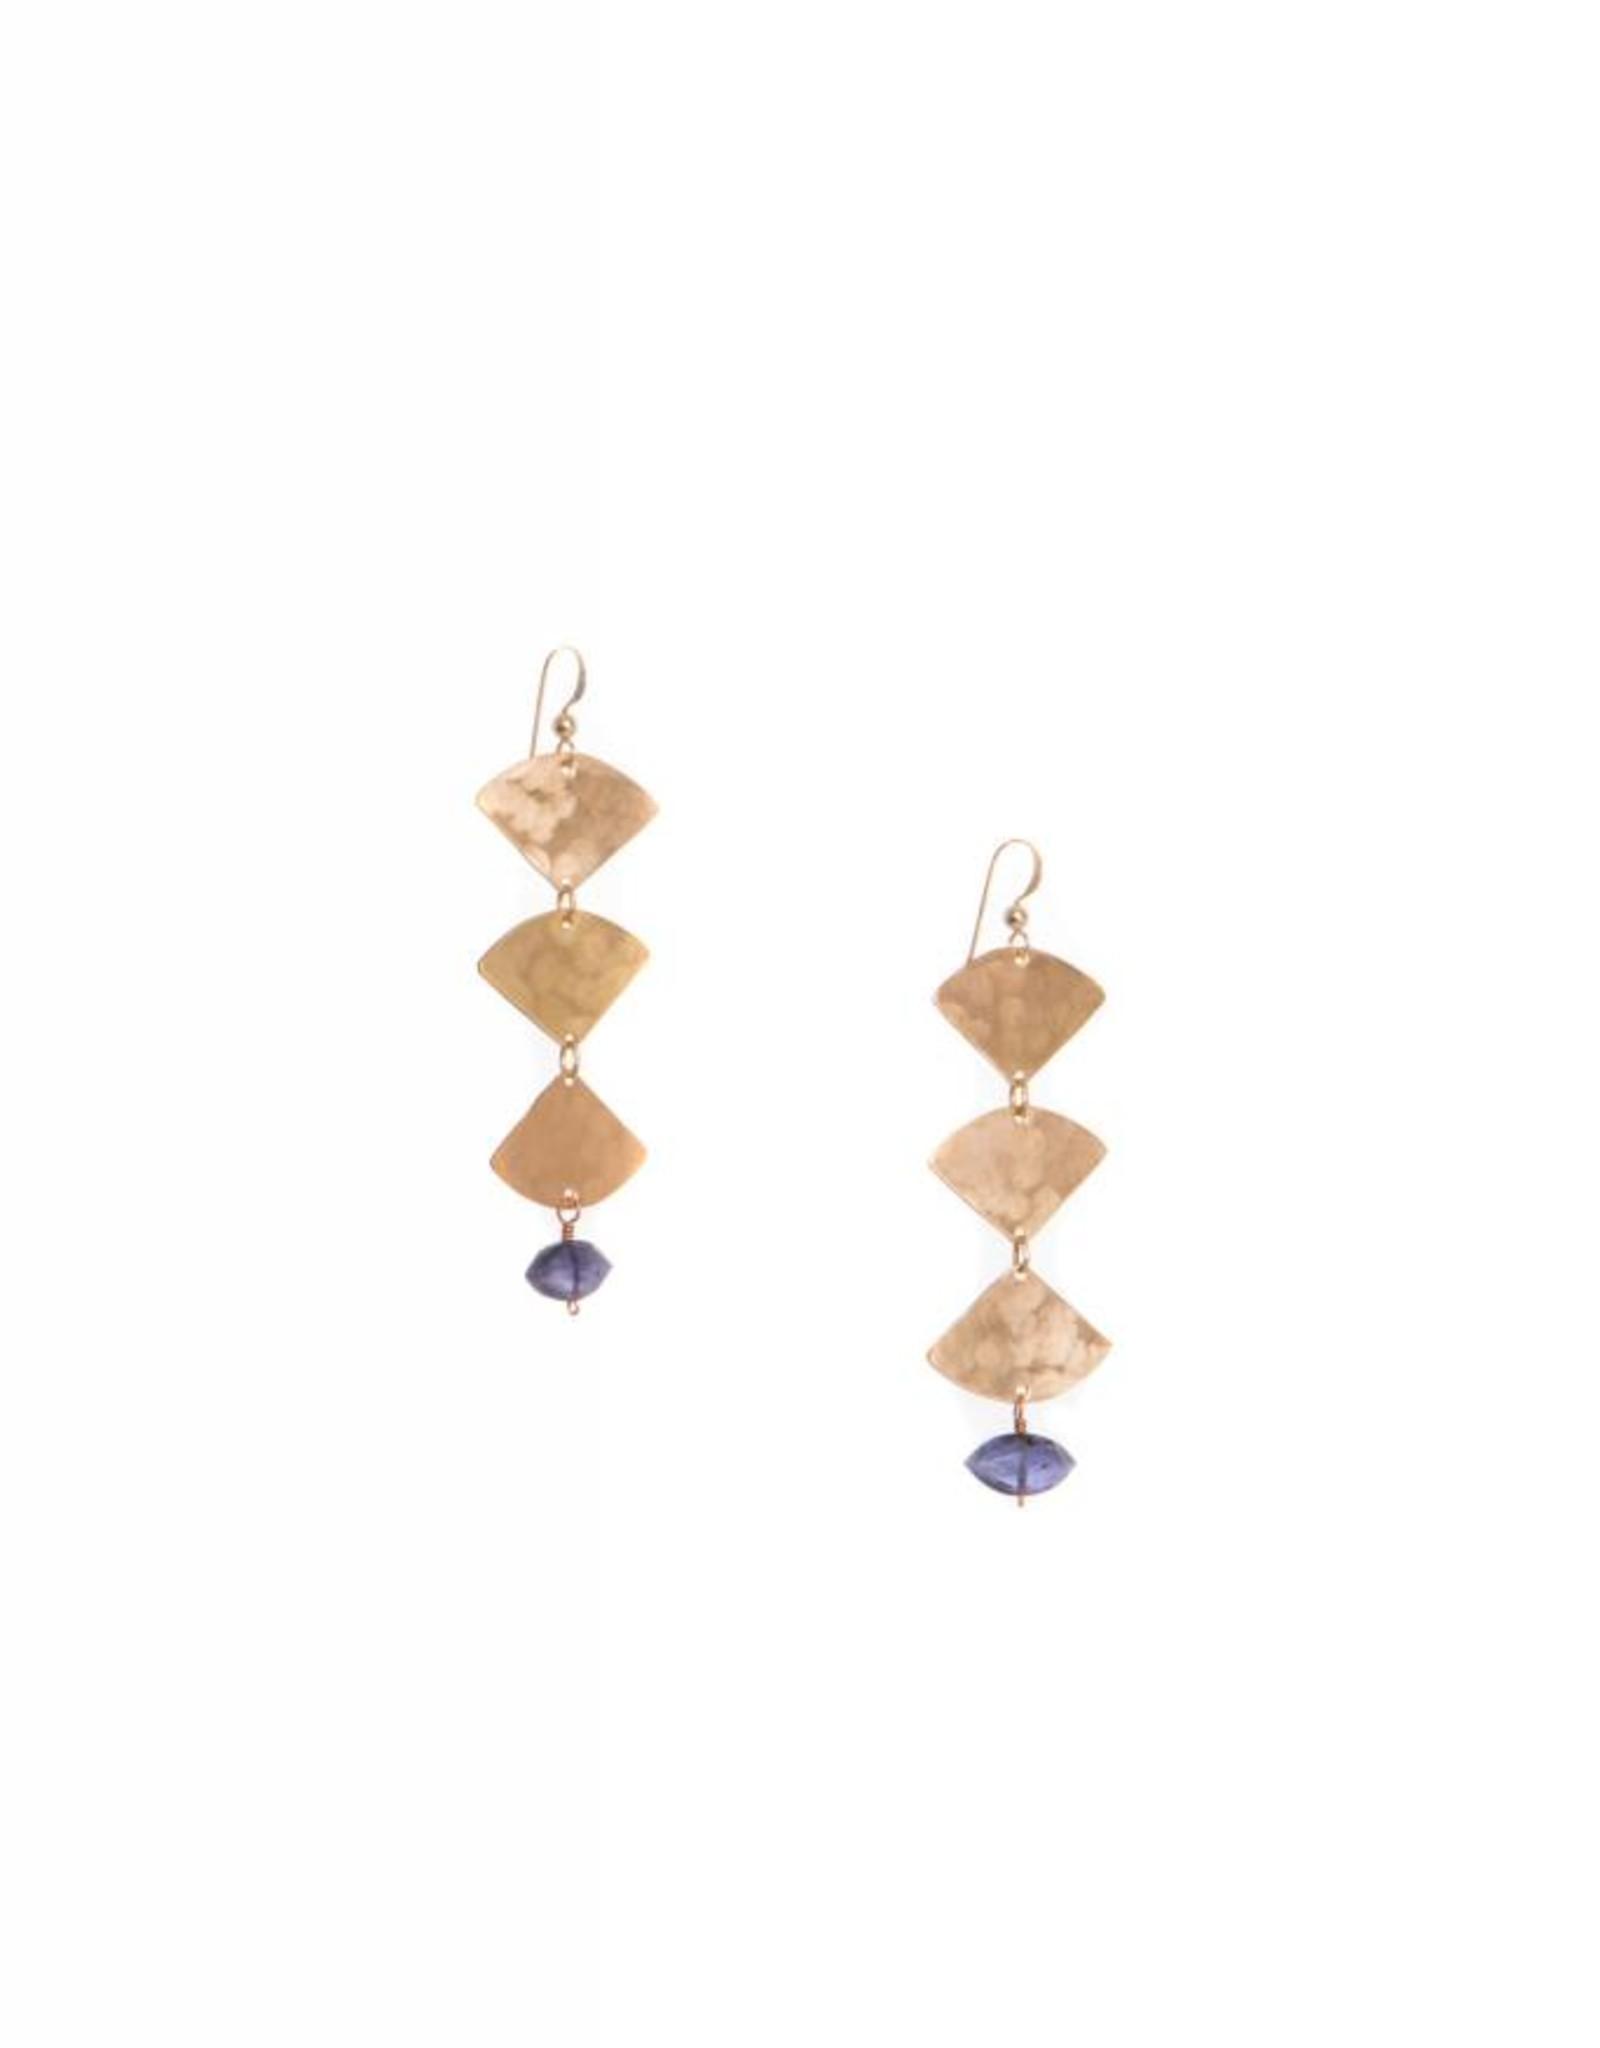 Hailey Gerrits Designs Mella Earrings - Iolite